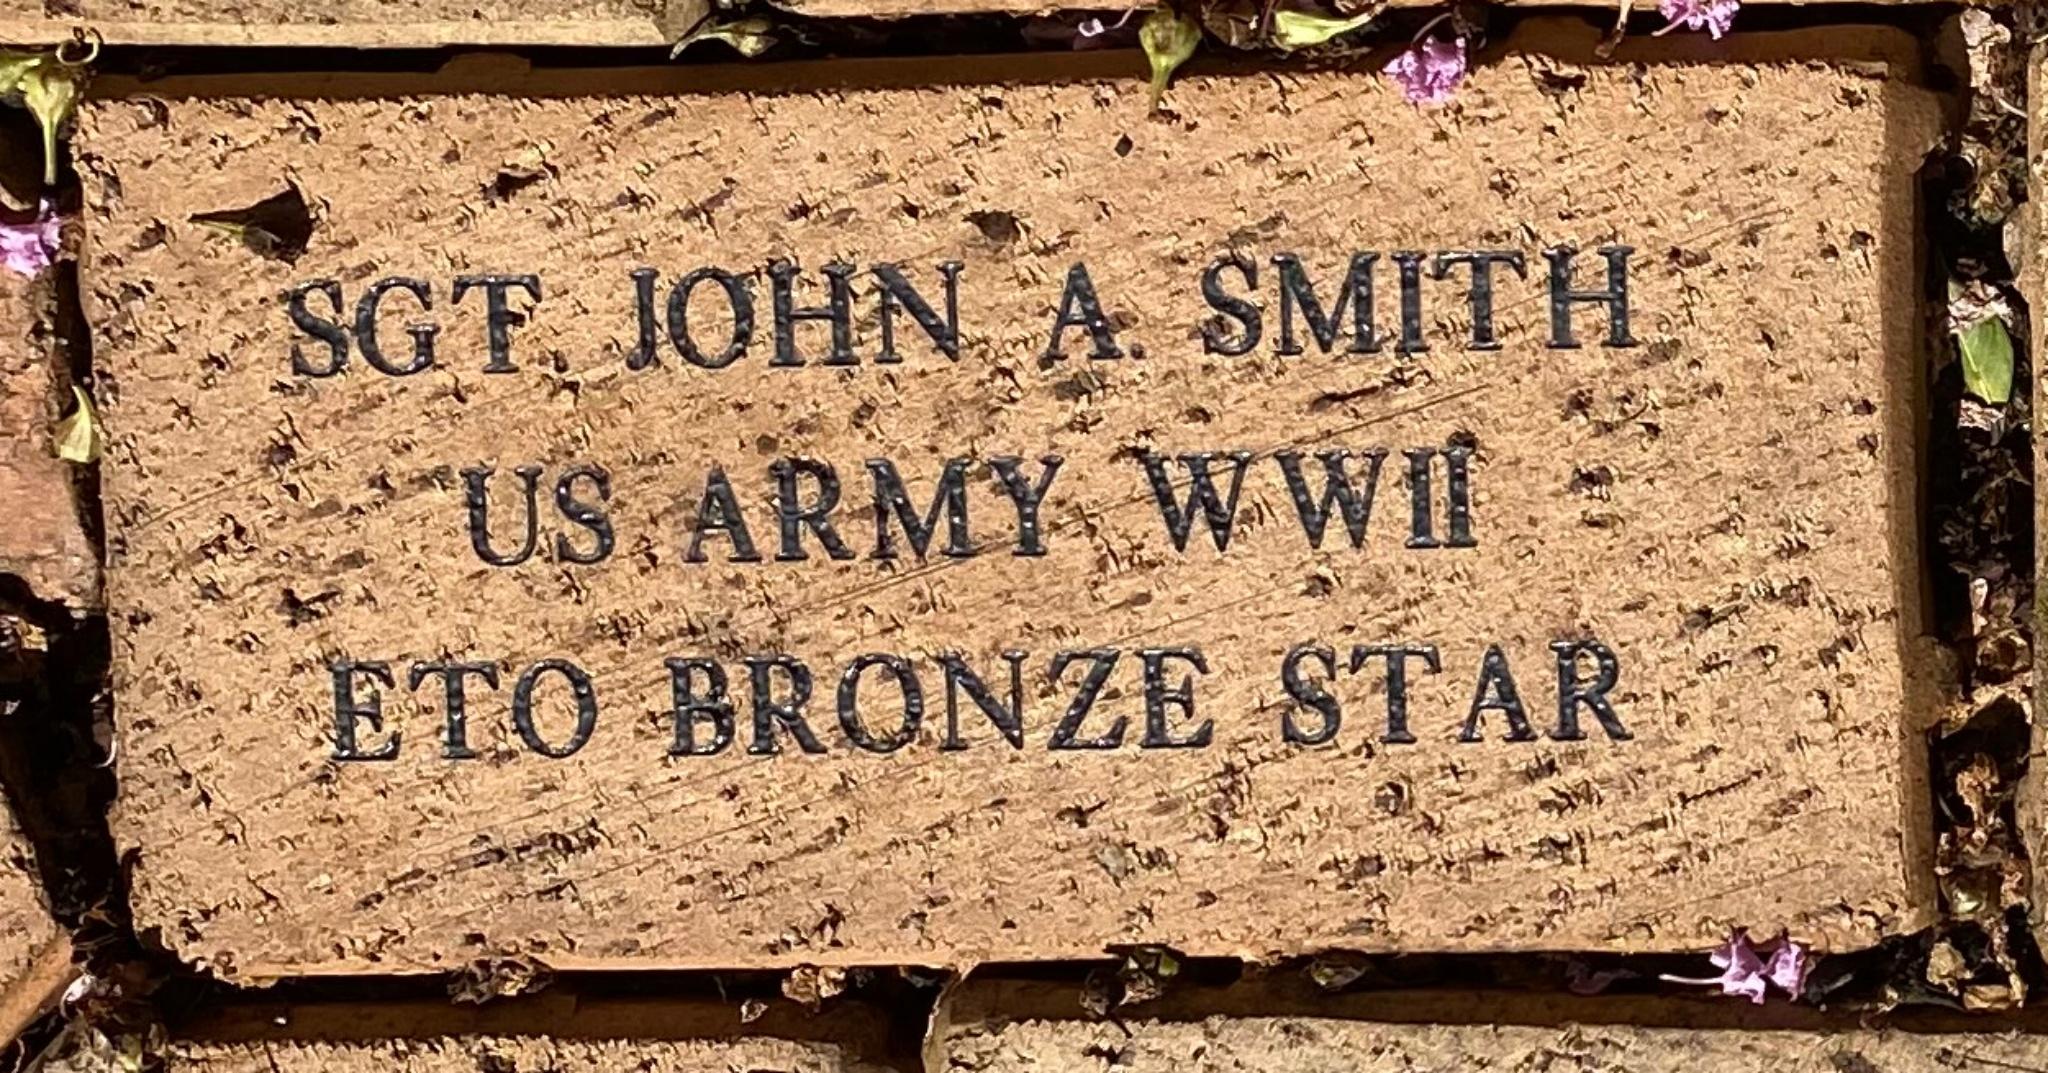 SGT JOHN A SMITH US ARMY WWII ETO BRONZE STAR